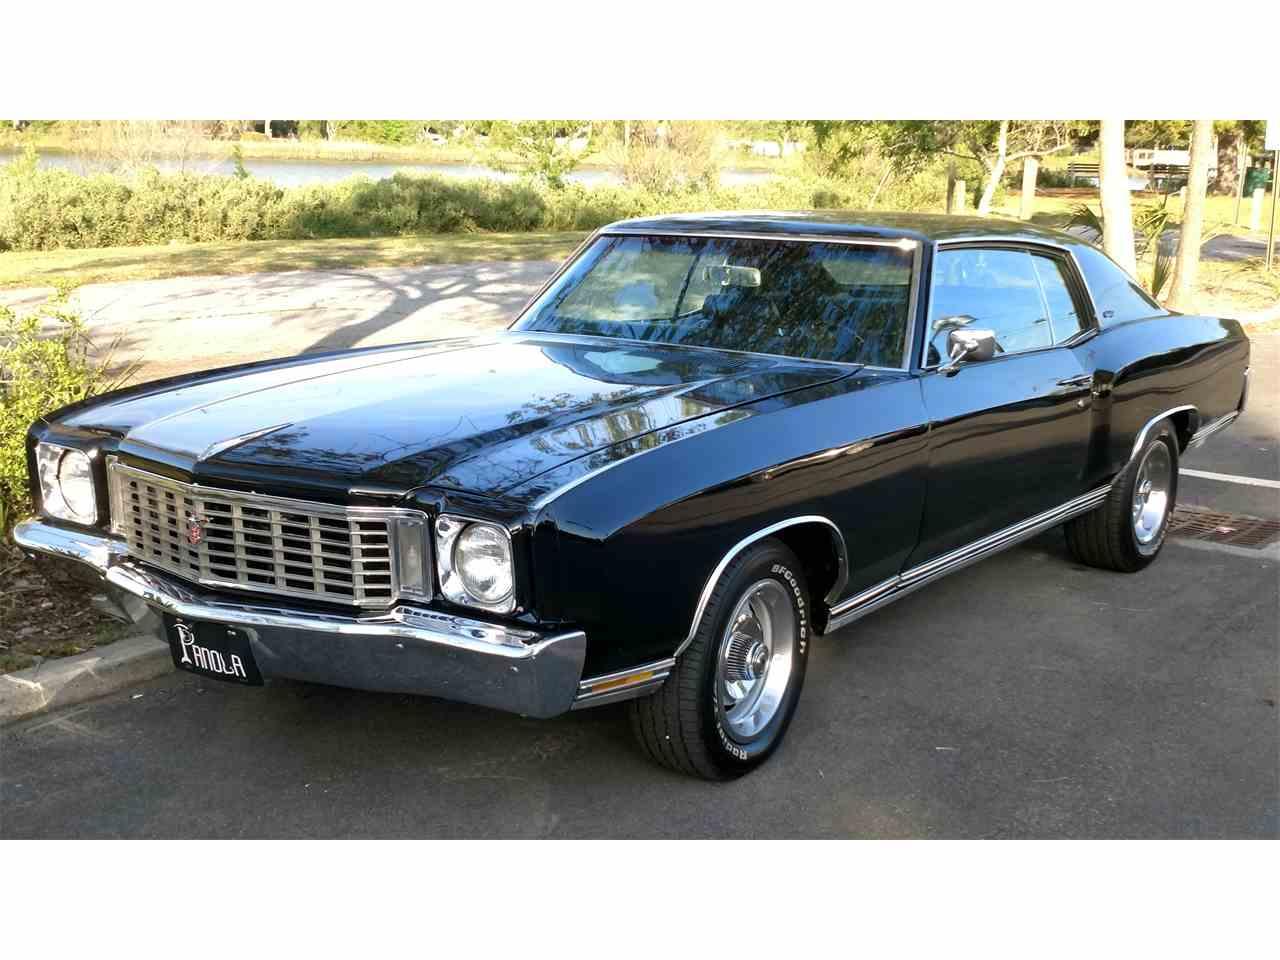 1972 Chevrolet Monte Carlo for Sale - CC-979031